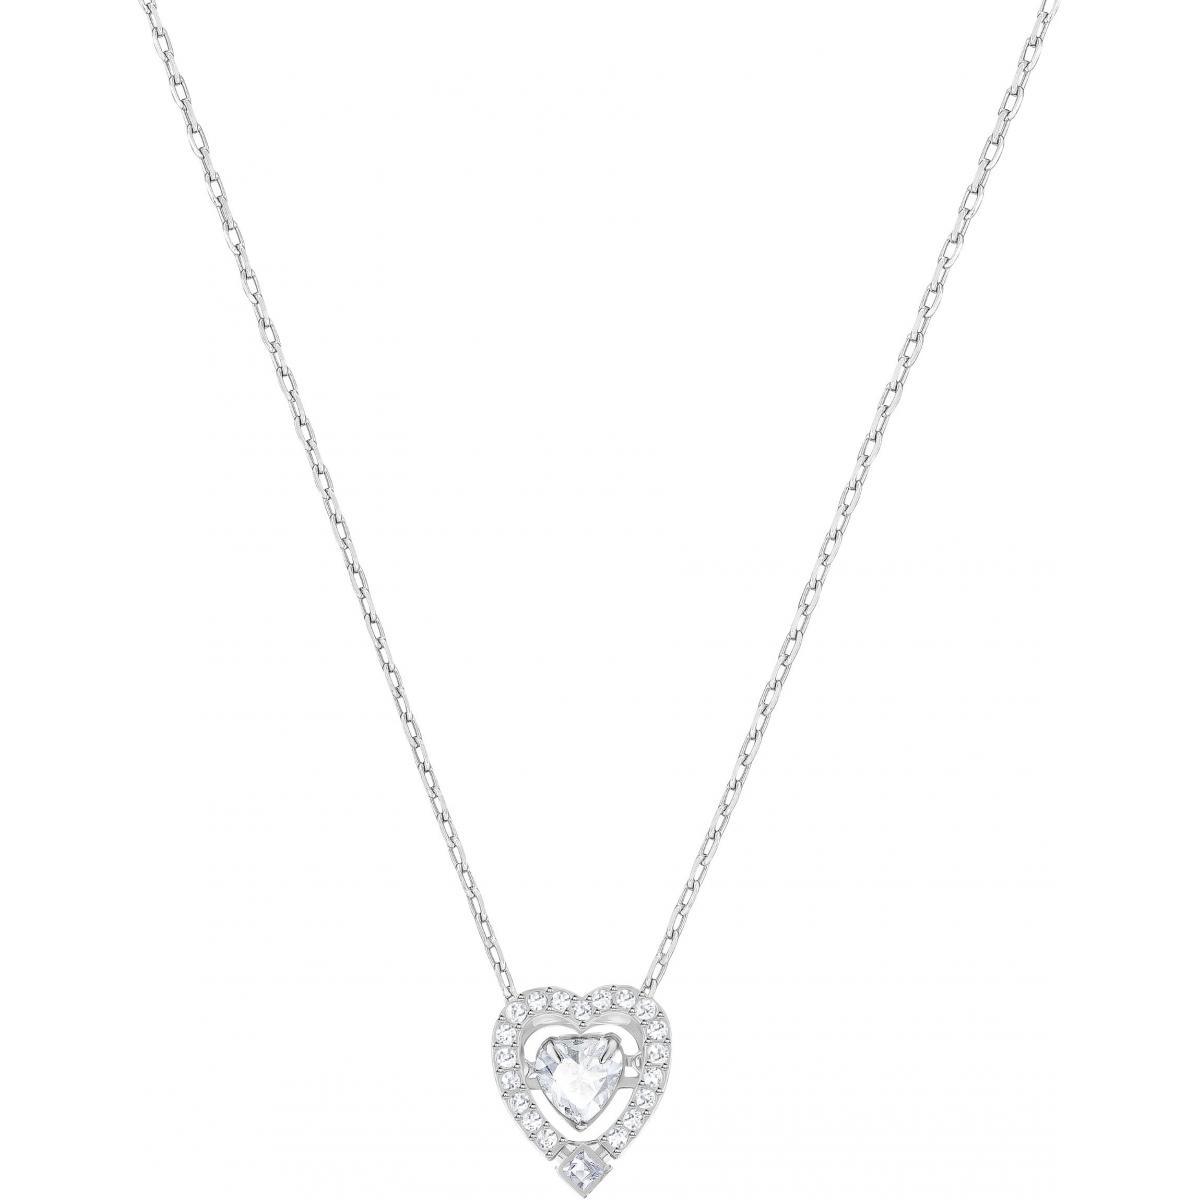 Collier et pendentif Swarovski Bijoux 5272365 - Cœur Serti Femme